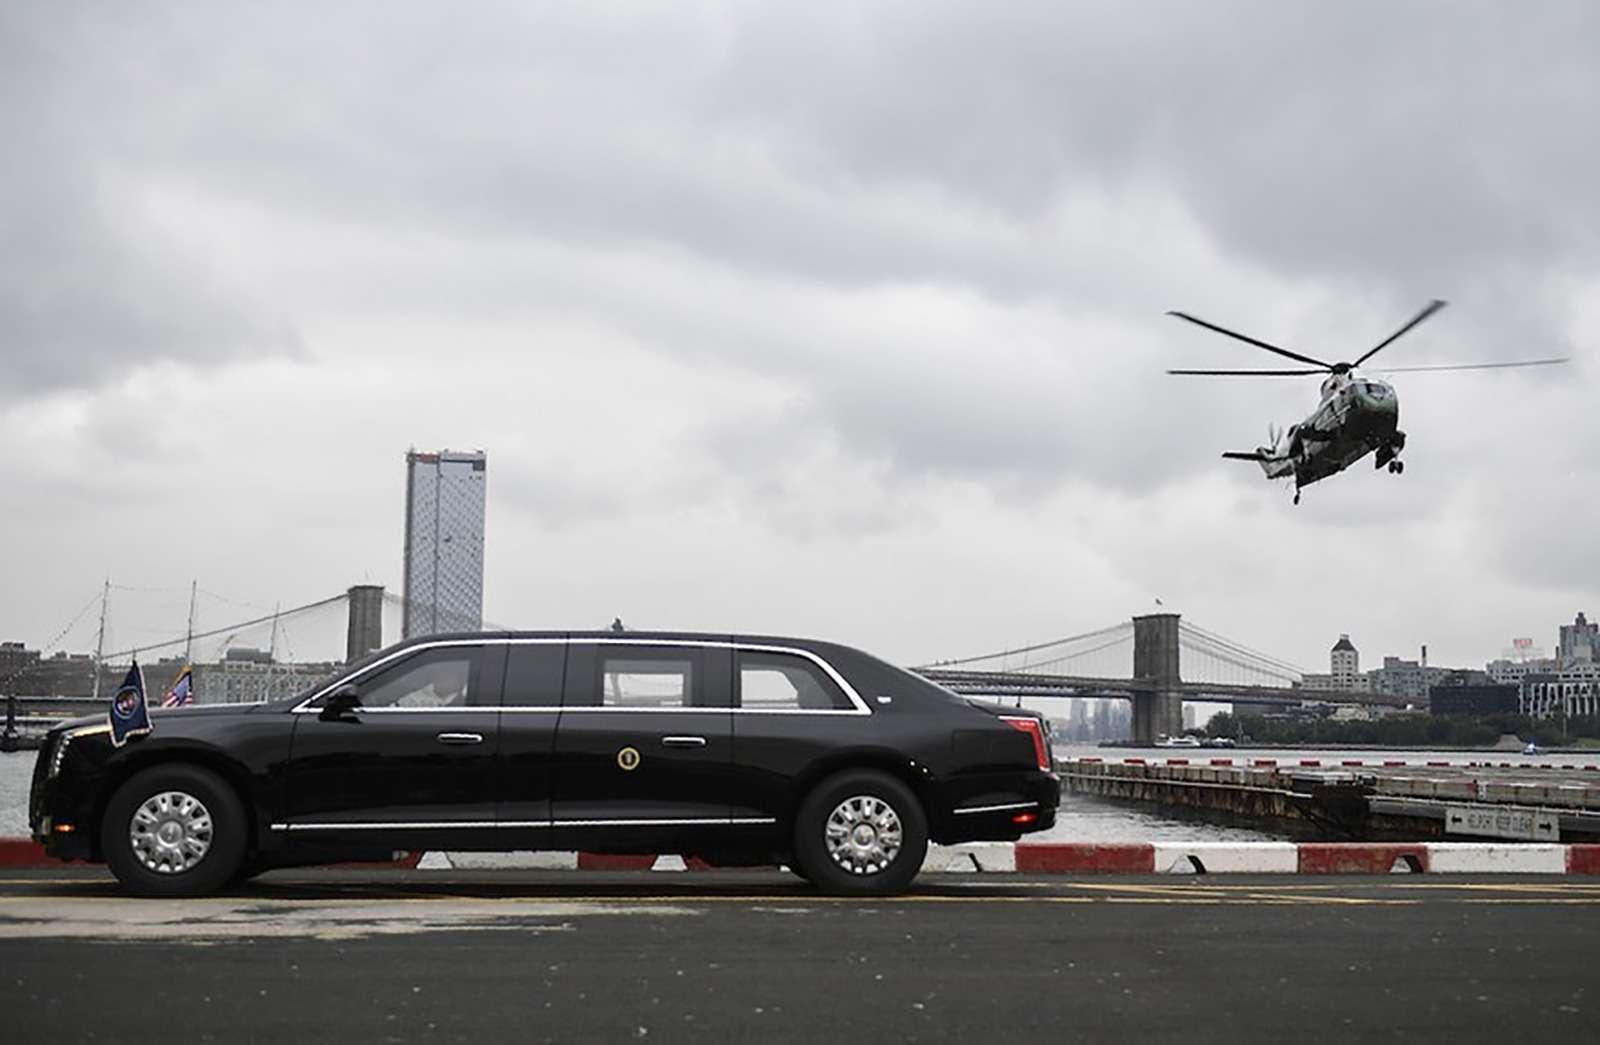 10автомобилей мировых лидеров: Аурус, «Зверь» идругие— фото 922521